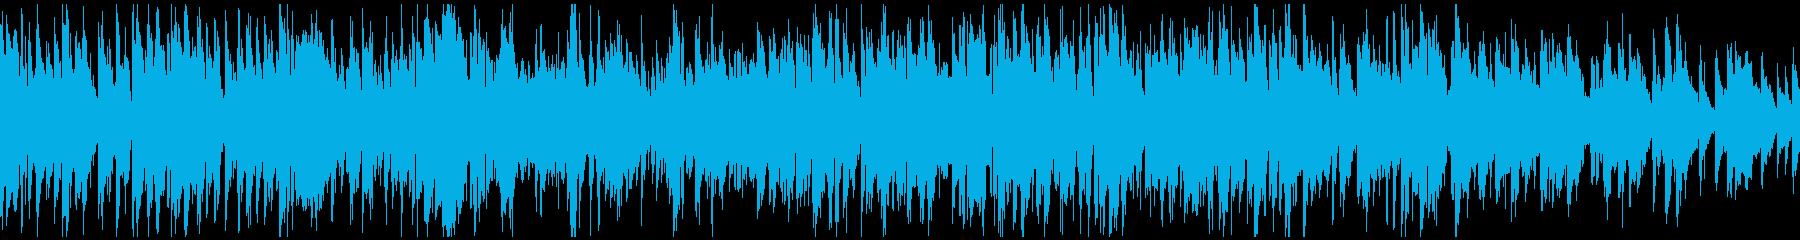 紳士的なサックスの音色、ジャズ※ループ版の再生済みの波形